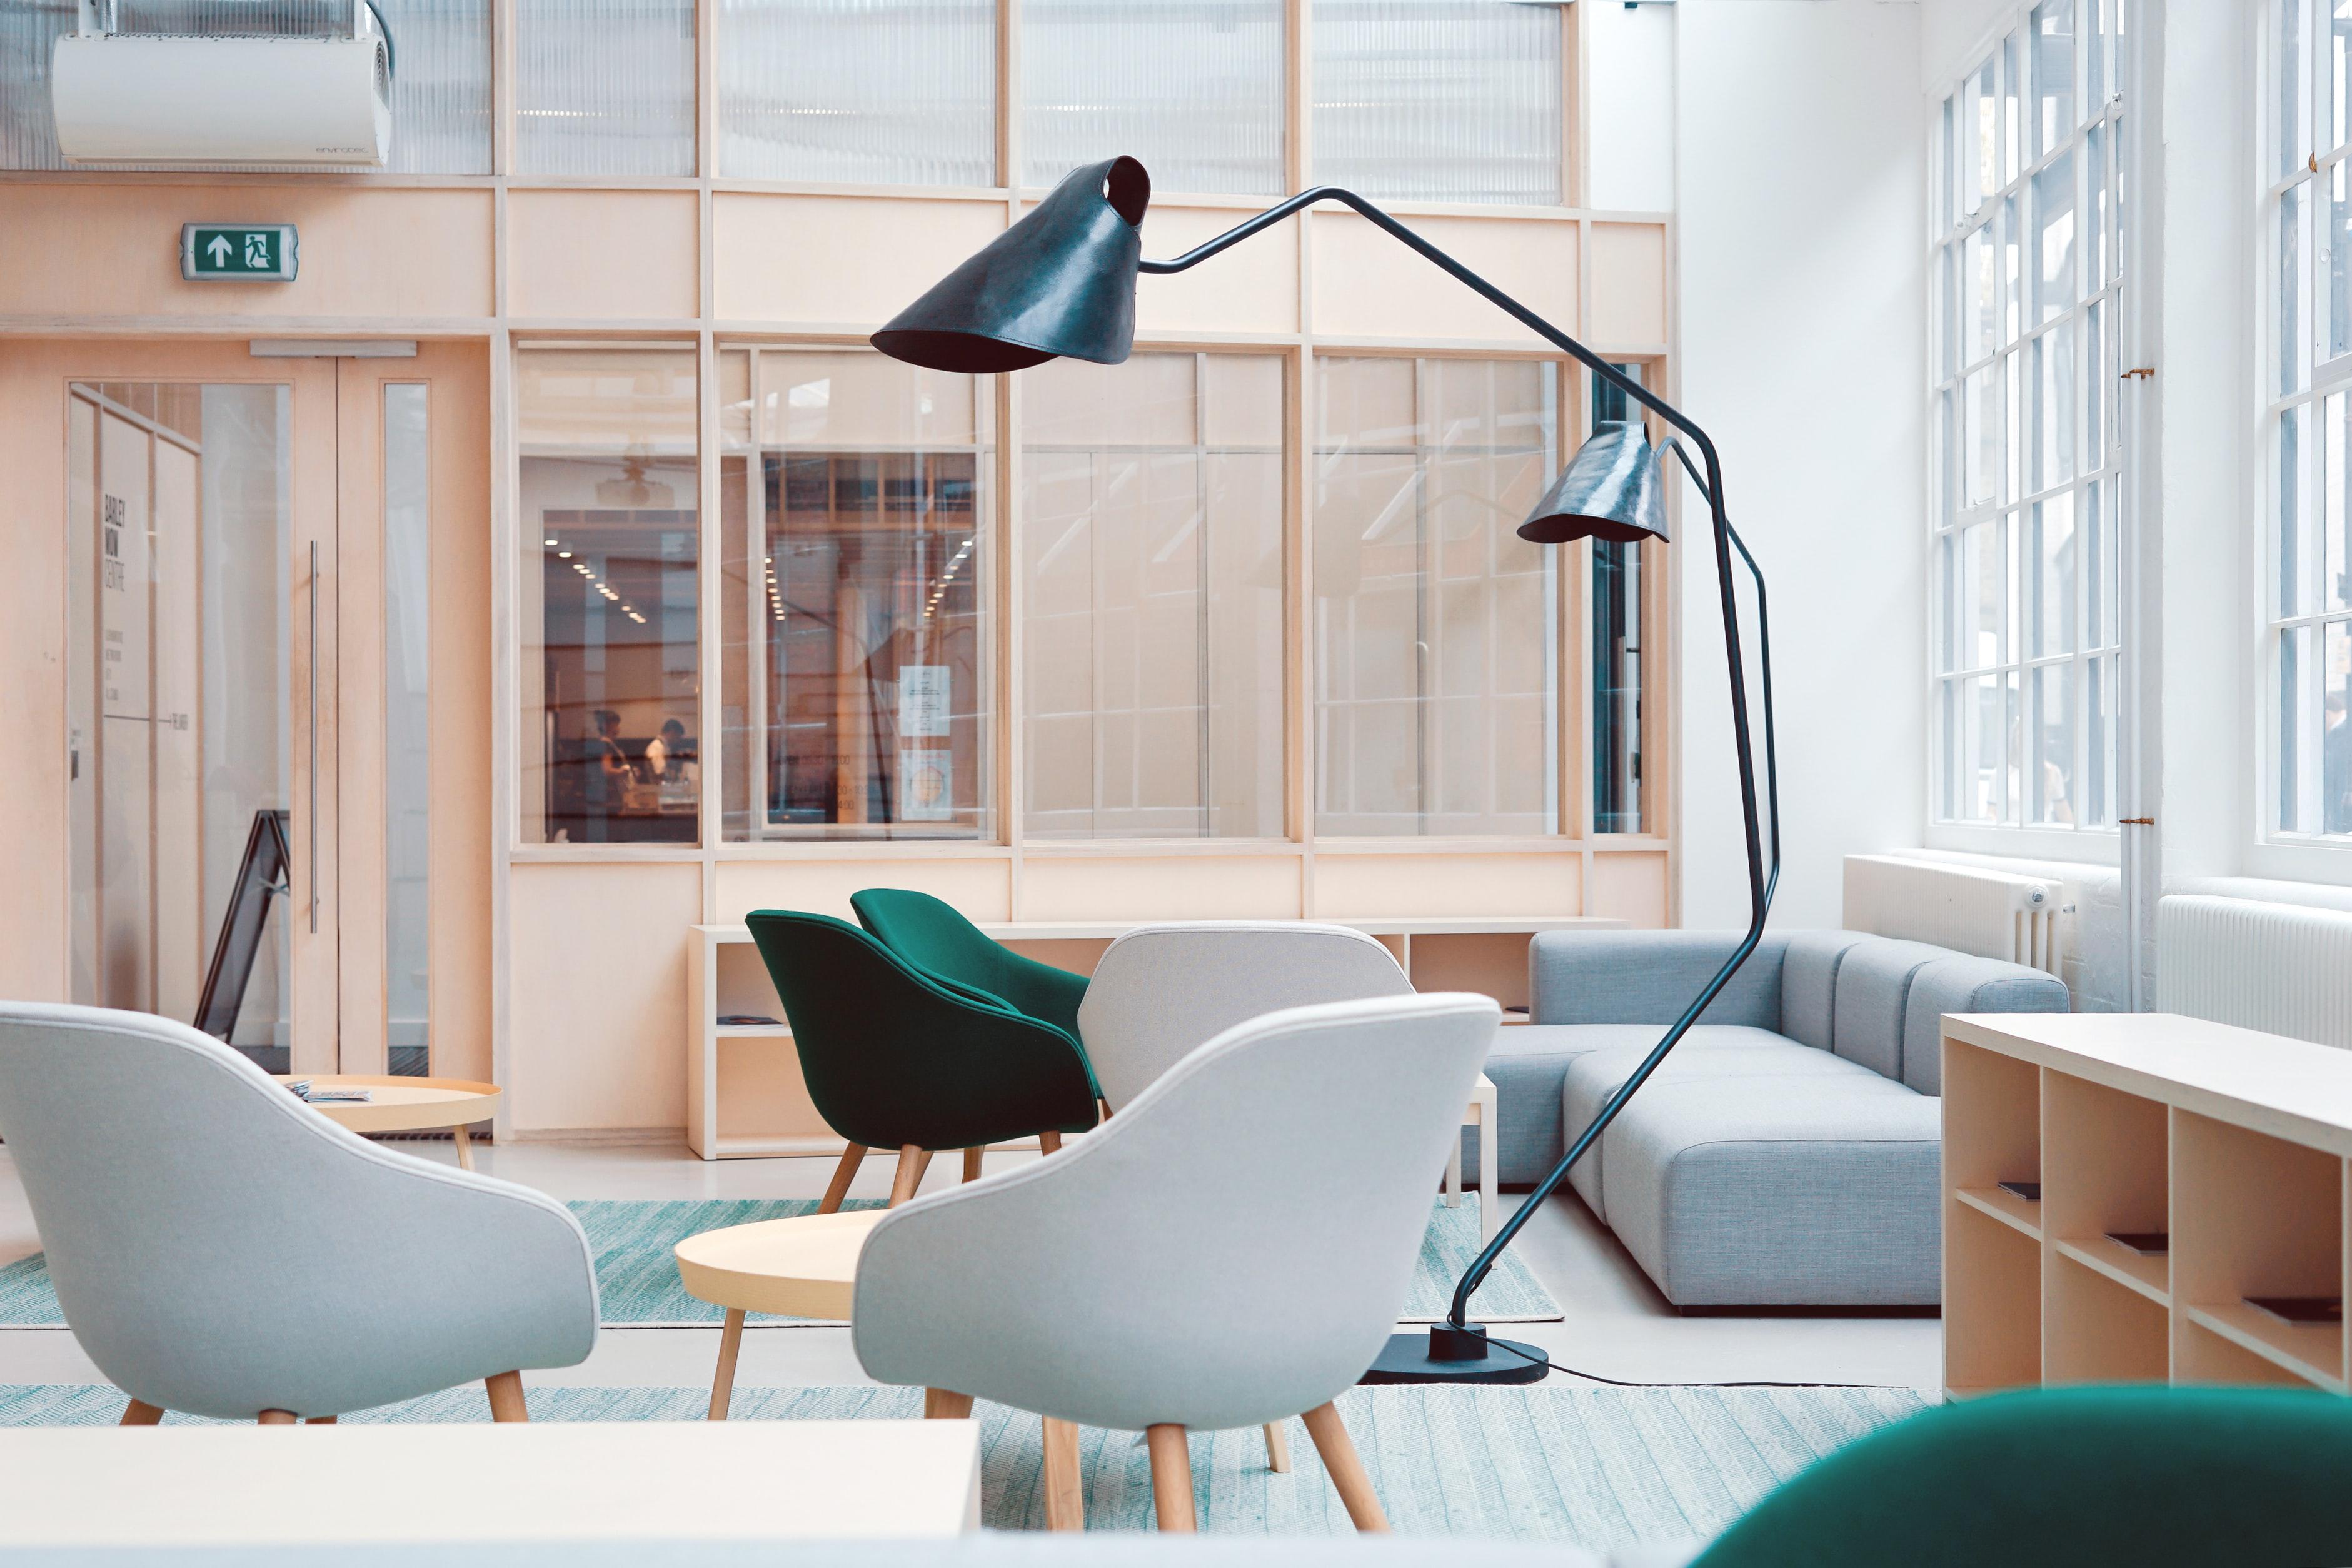 lichte ruimte met stoffen stoelen, een bank en twee grote staande lampen